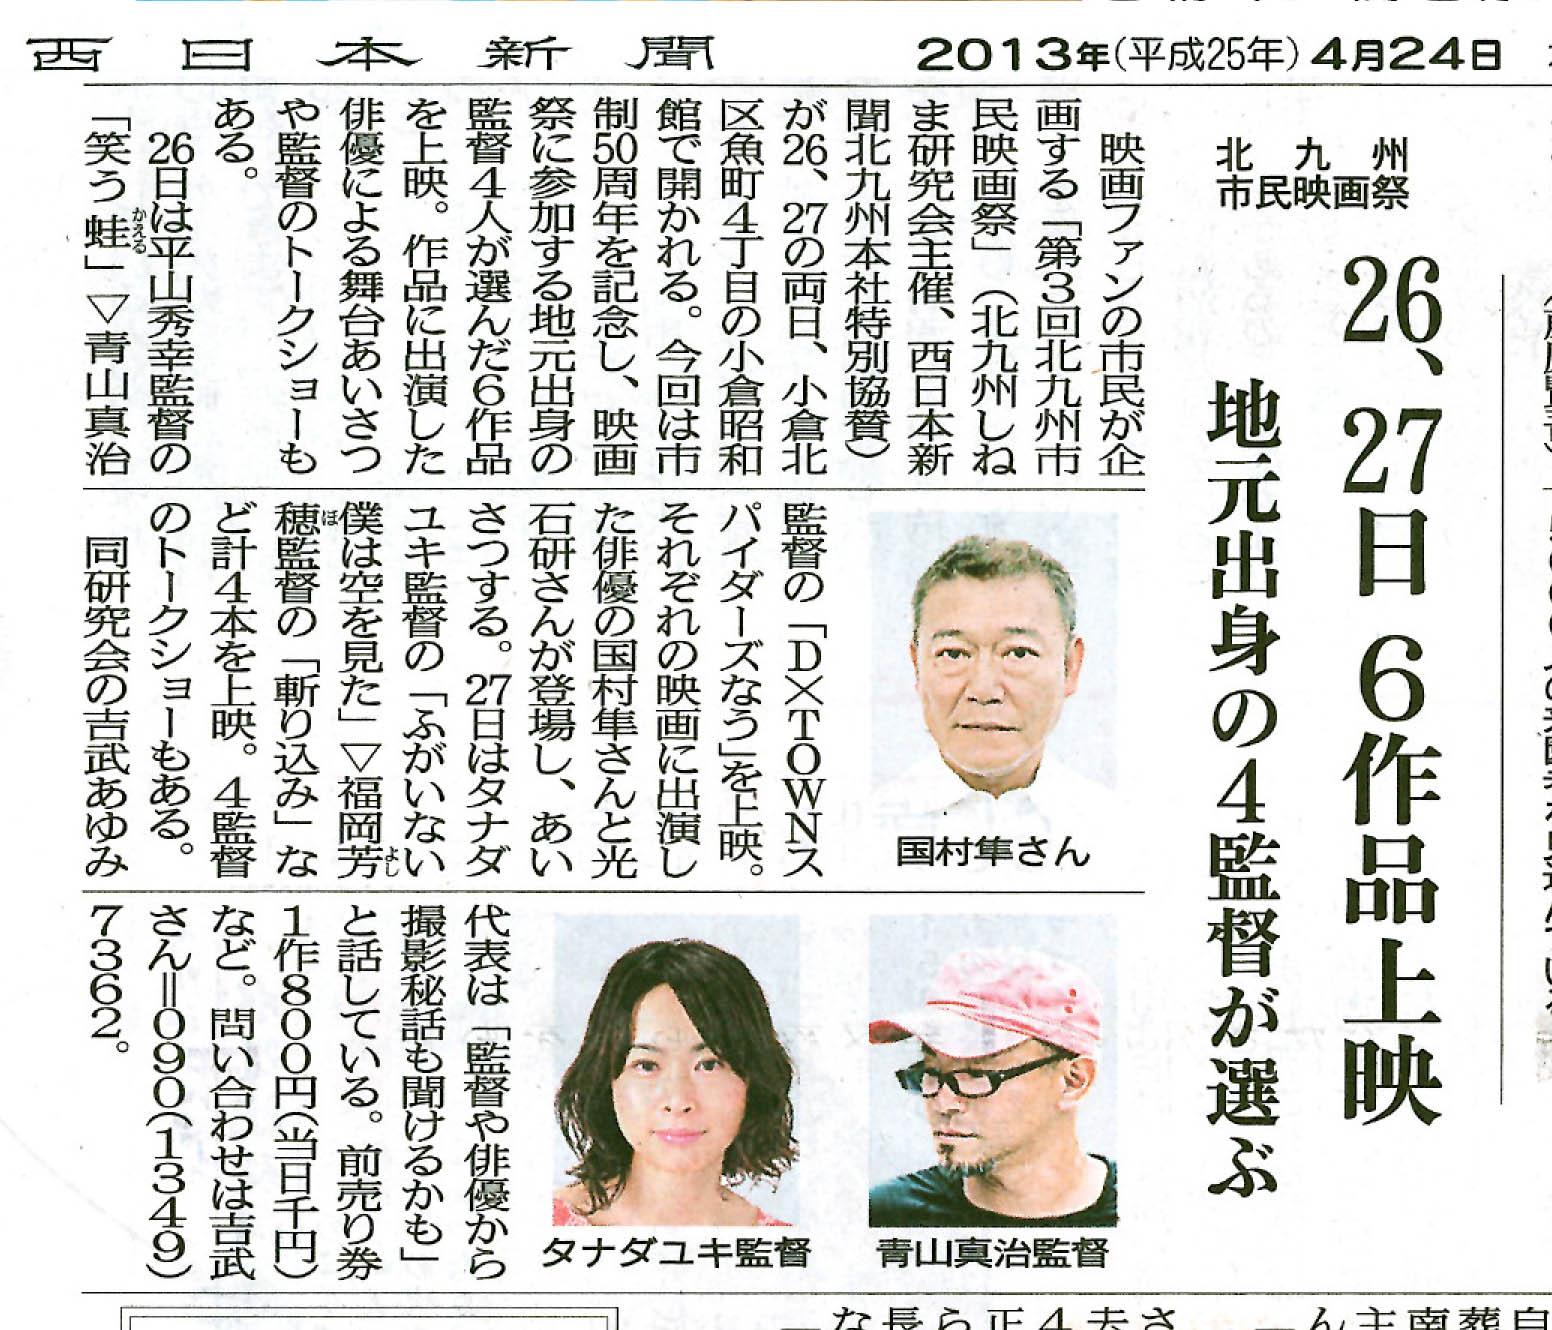 西日本新聞朝刊H250424